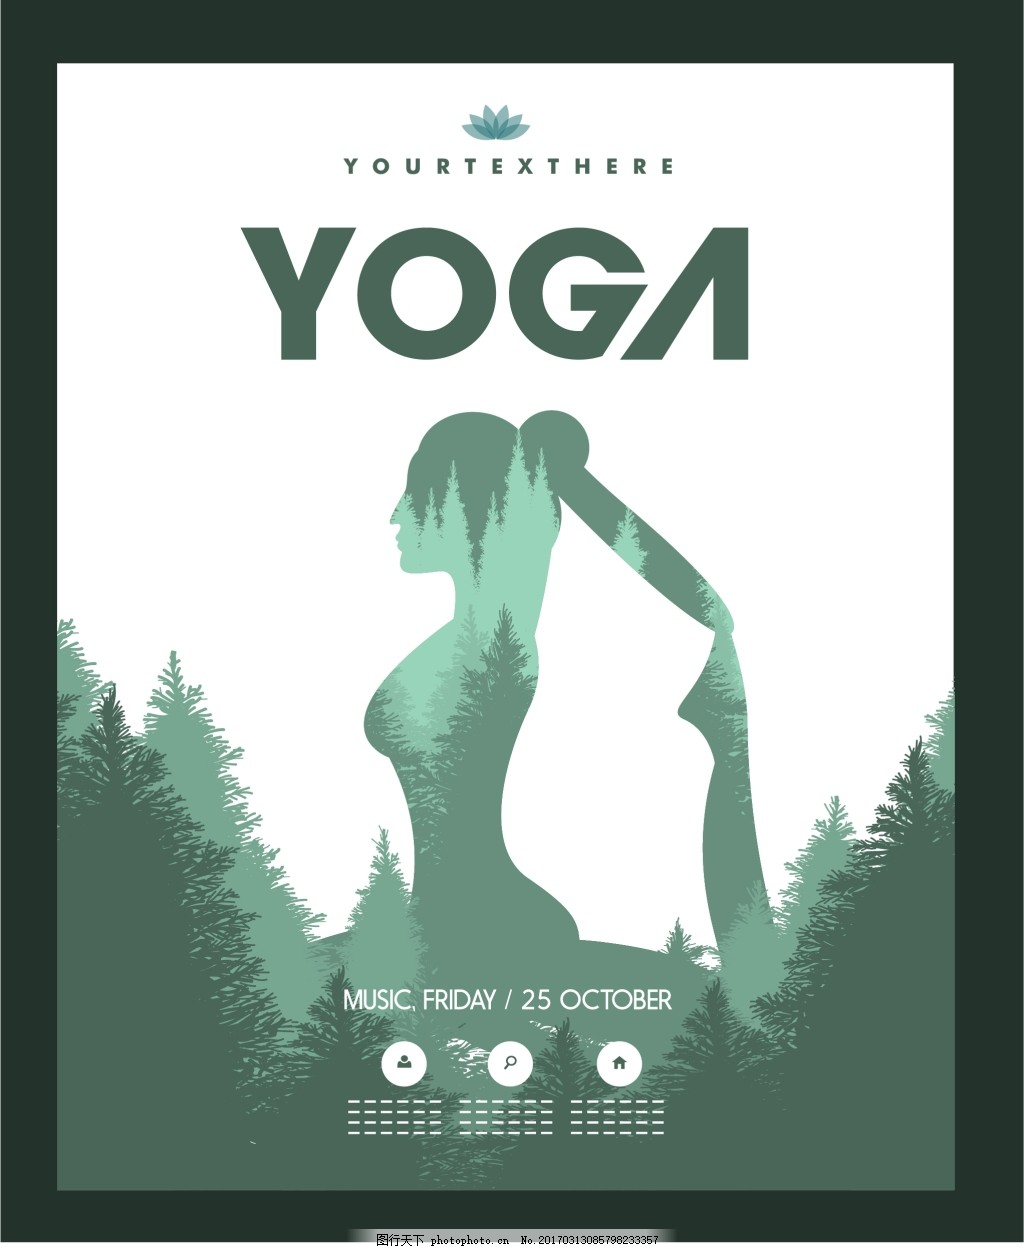 扁平化创意瑜伽海报 瑜伽海报 海报 海报设计 剪影 美女 树林 森林